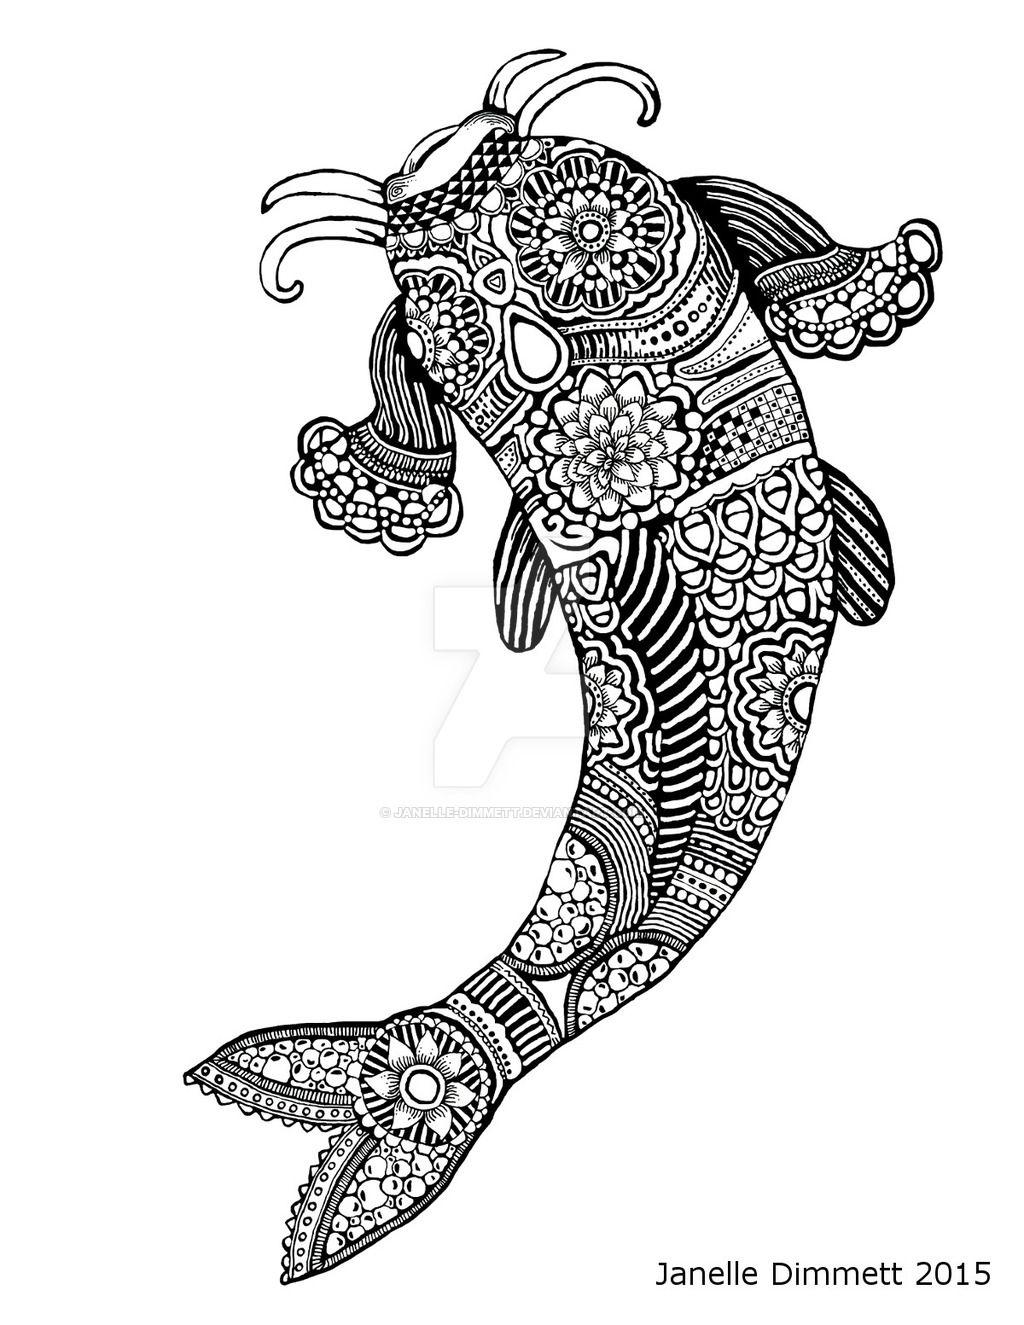 Groß Japanische Koi Fisch Malvorlagen Ideen - Malvorlagen Von Tieren ...